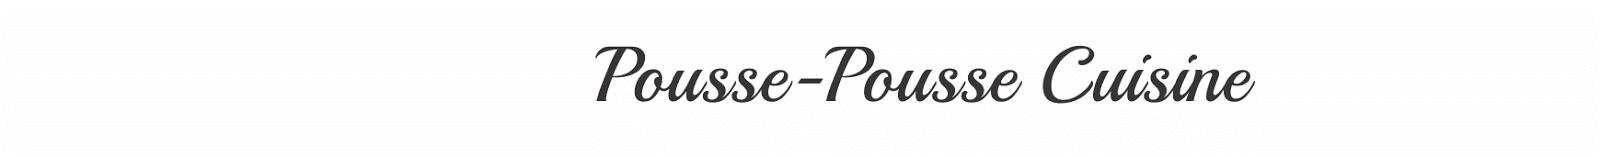 Pousse-Pousse Cuisine